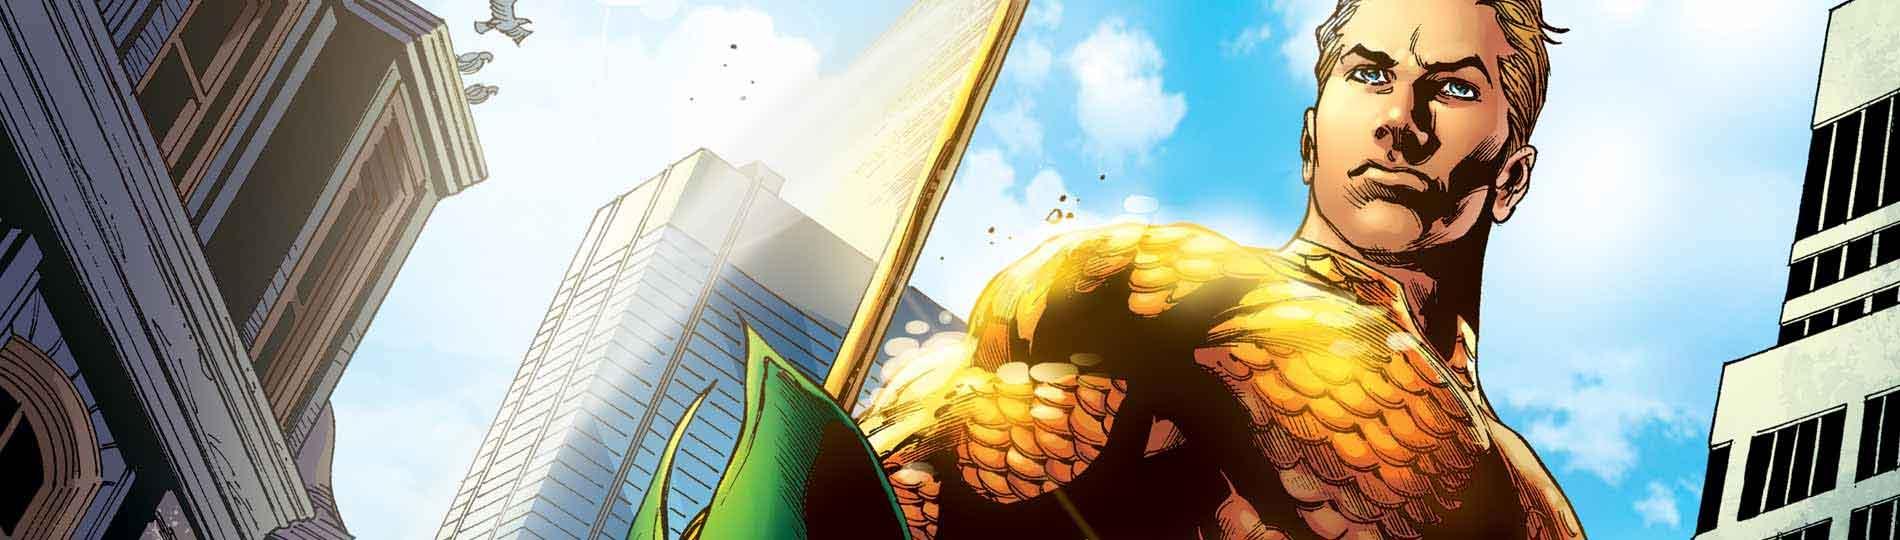 Aquababy est le bébé d'Aquaman et de Mera. Aujourd'hui, Aquababy est :